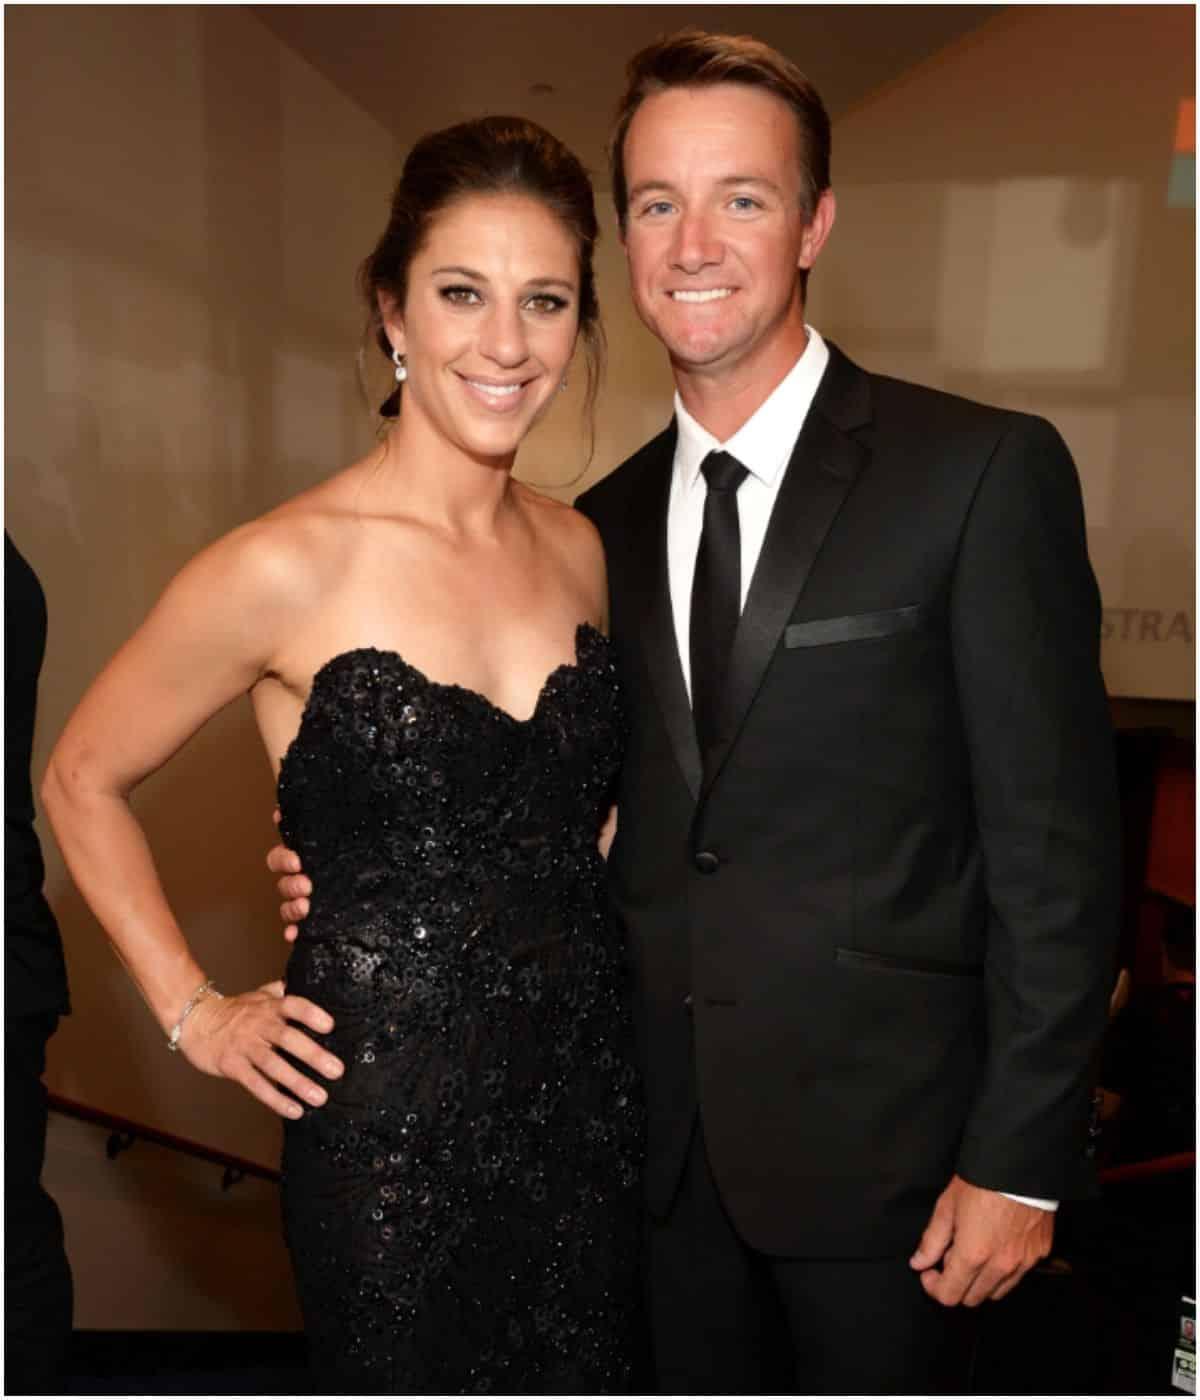 Carli Lloyd with husband Brian Hollins